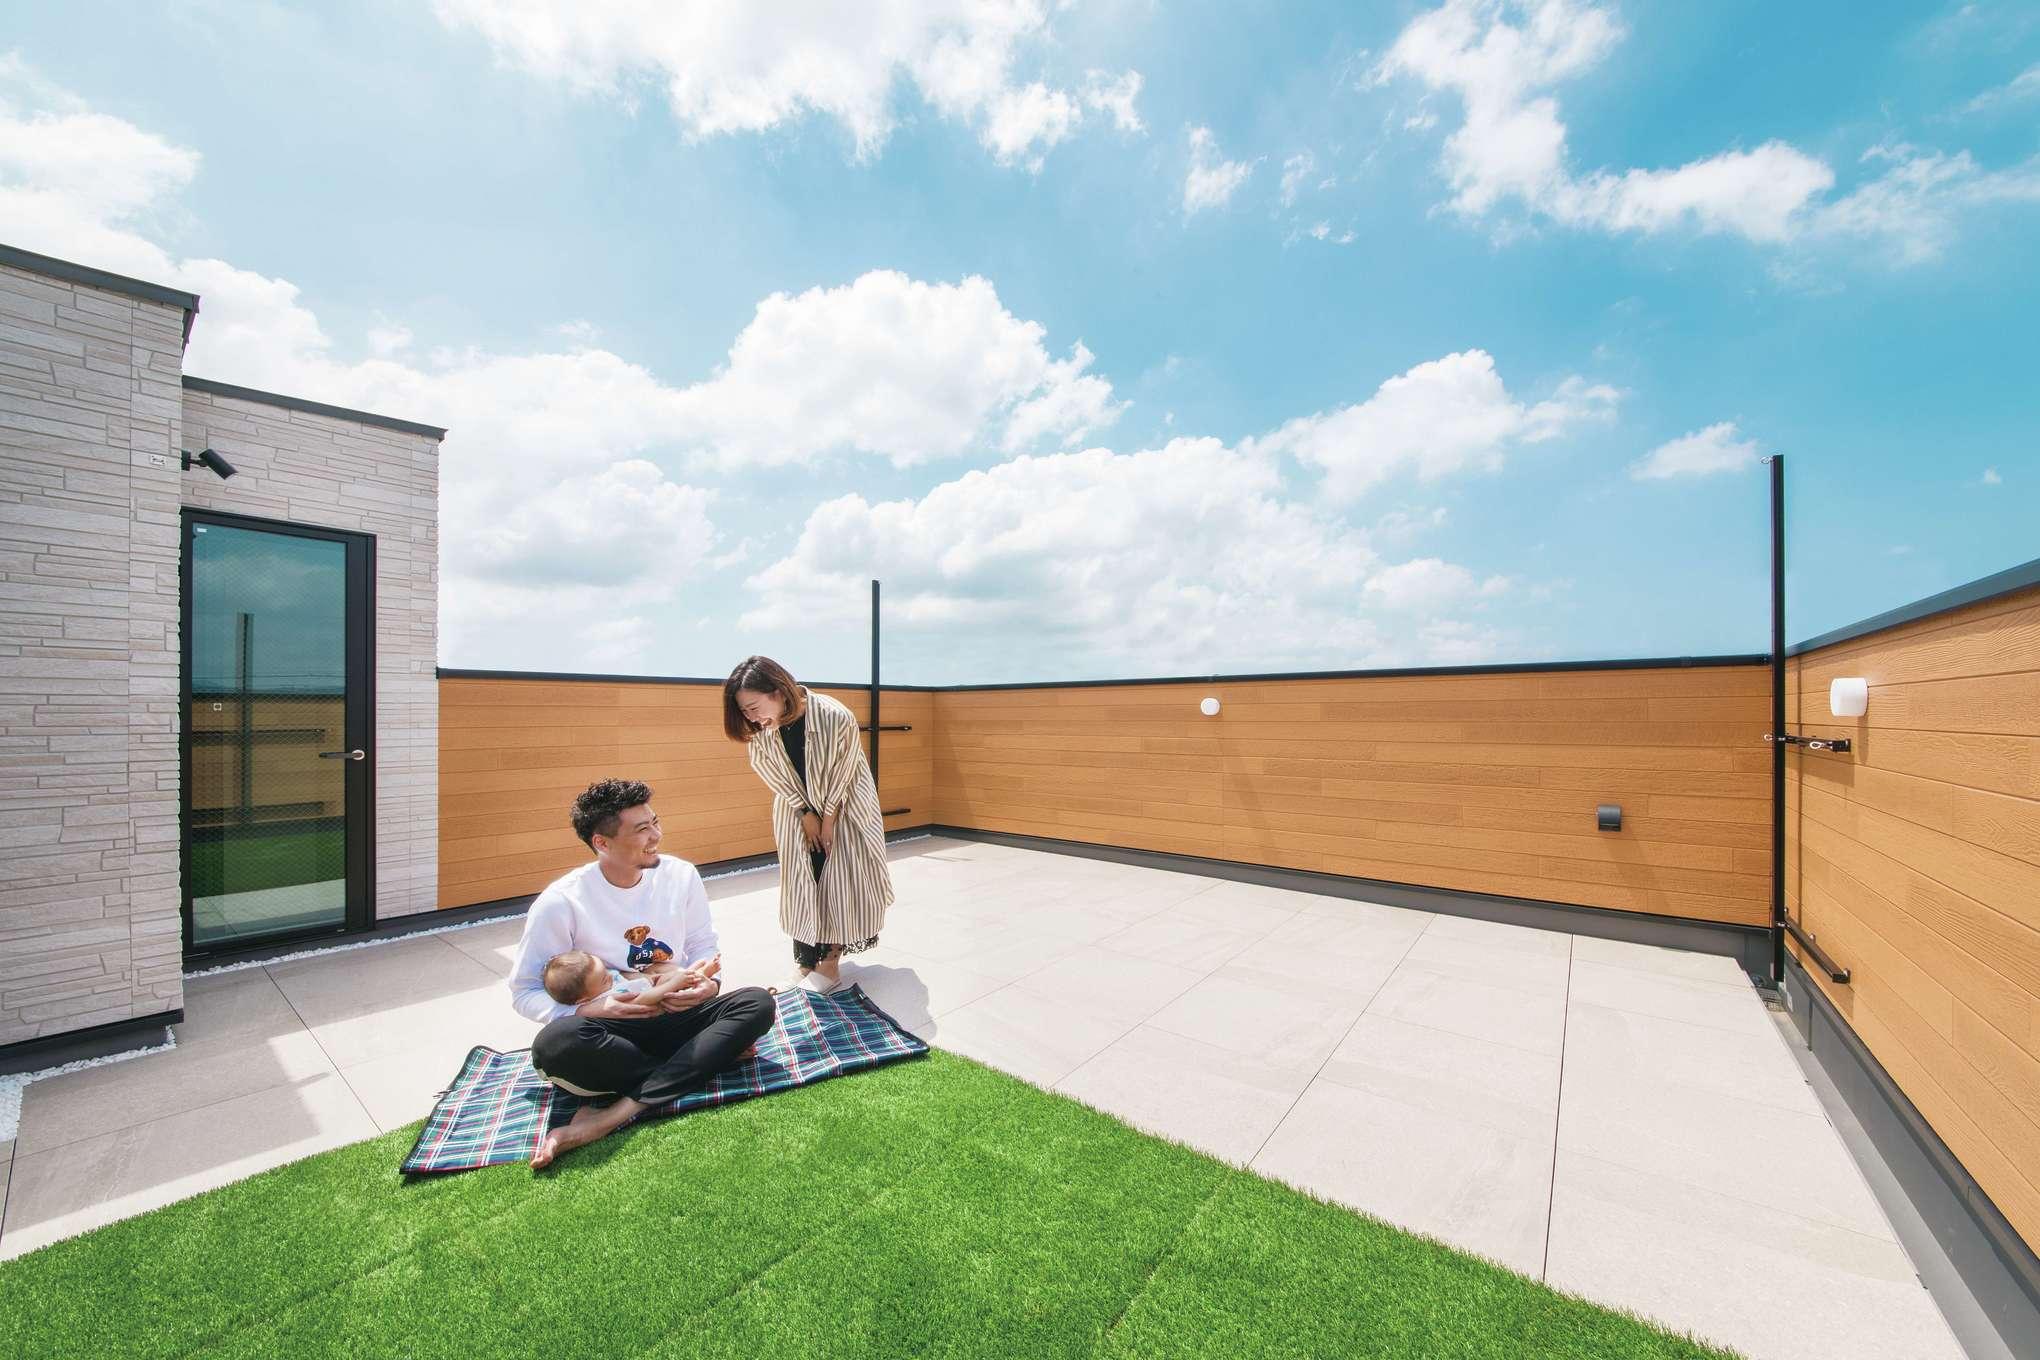 幸和ハウジング【デザイン住宅、屋上バルコニー、インテリア】屋上庭園はご主人たっての希望。「地元の花火を家族と見たり、友人を呼んでバーベキューをするのが楽しみ」